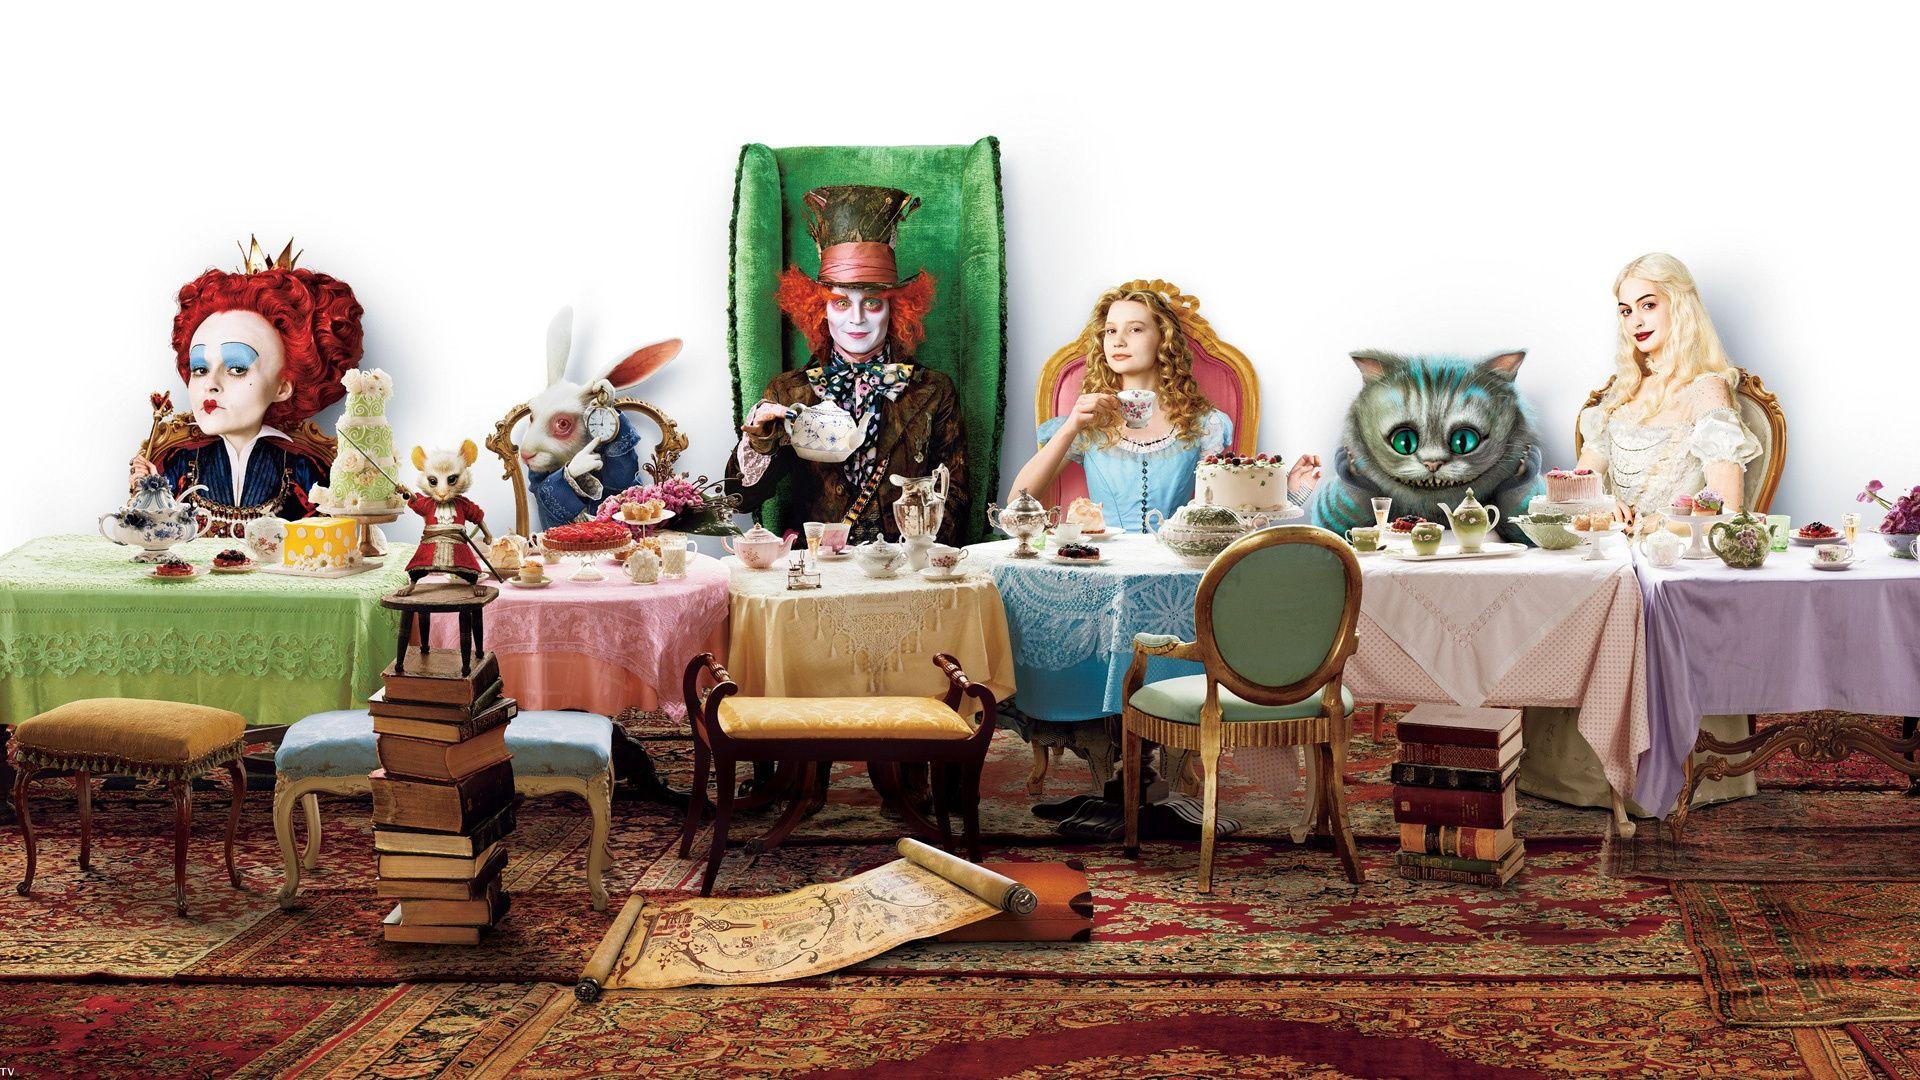 0bcc946862a3 Картинка, алиса в стране чудес, alice in wonderland, алиса, шляпник,  безумный, кролик, королева, часы, мышь, чаепитие, стол, торт, чайник,  чашки, стулья, ...